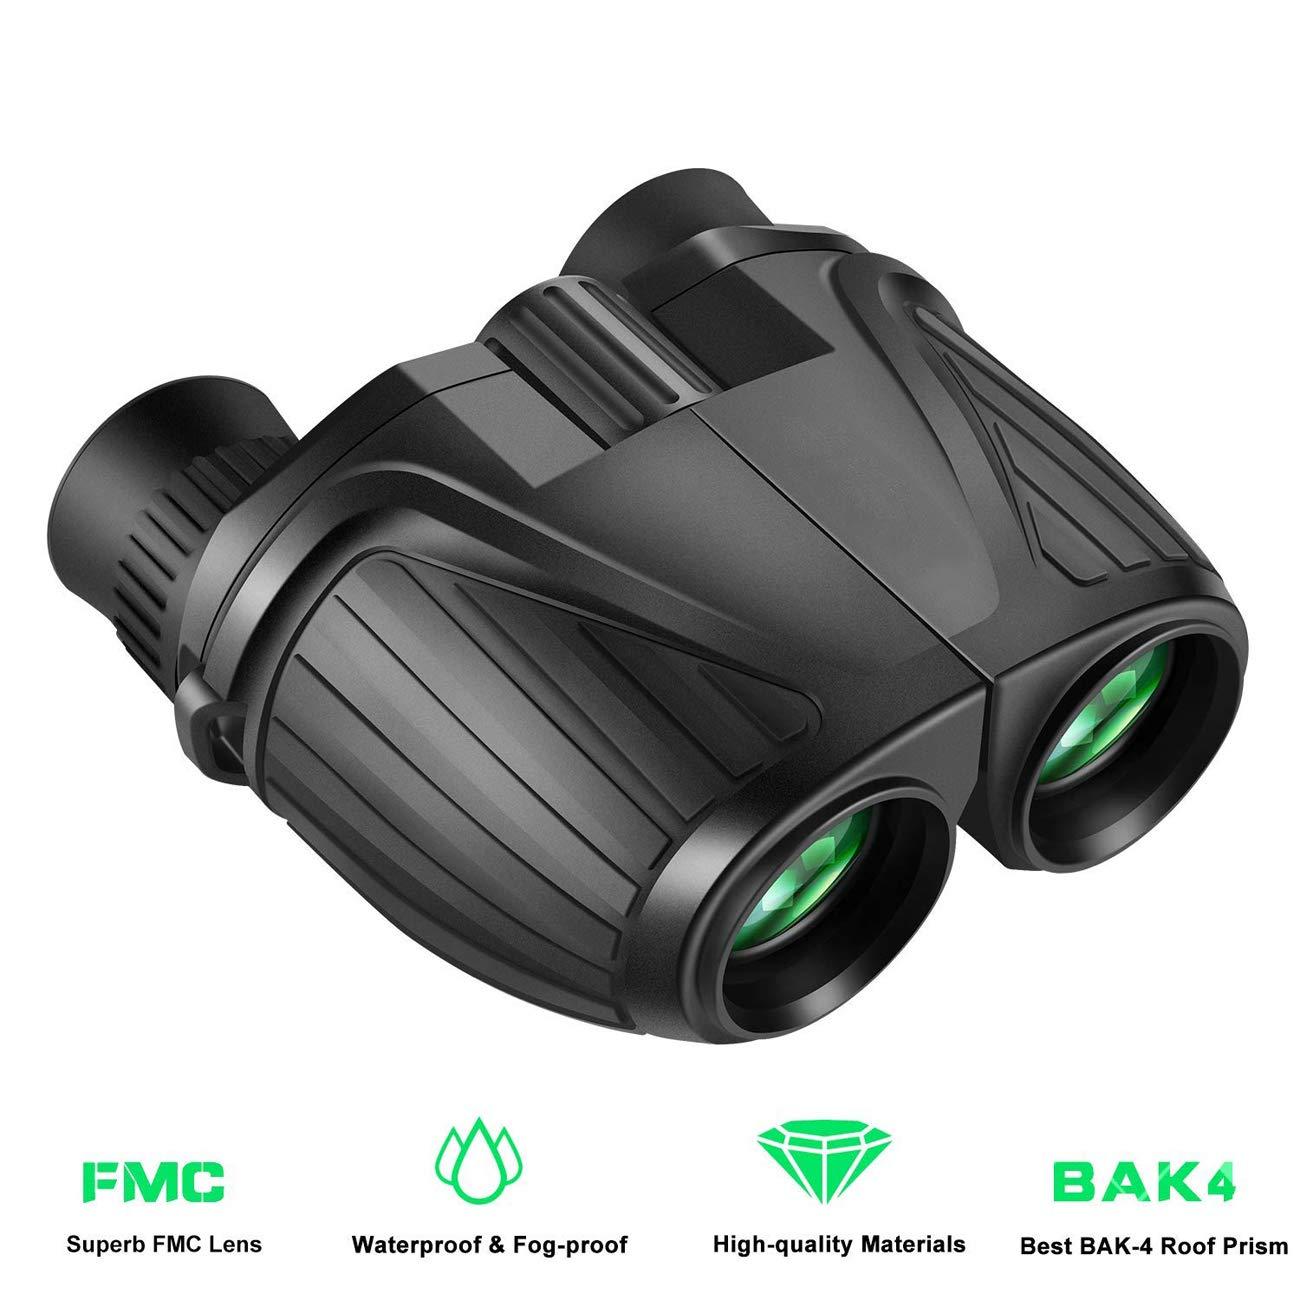 最も  XUEXUE 双眼鏡 10 x ハイキング 25 x コンパクトミニ双眼鏡 超軽量フォーマットポケット 望遠鏡 子供 大人 子供 鳥 コンサート スポーツ ハイキング キャンプ B07JL3LWL1, ダンス用品専門店 ダンスドール:fd3542a6 --- a0267596.xsph.ru